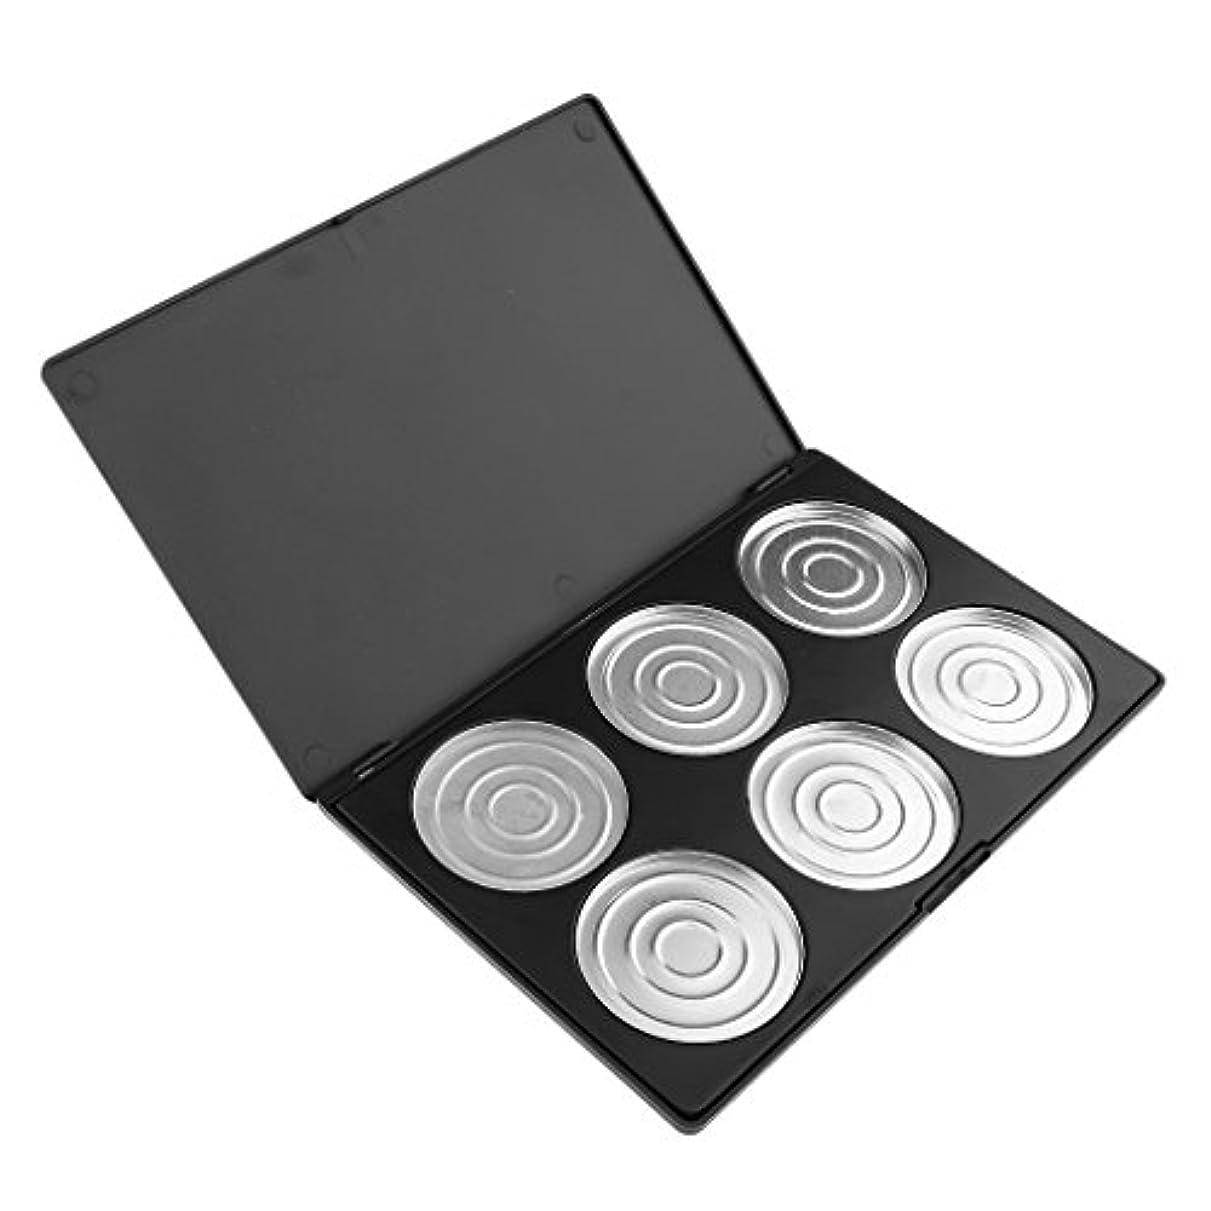 回復する具体的にメインT TOOYFUL 12グリッド メイク 空 アイシャドーブラッシャー リップグロス パレット 化粧品 全2種類 - 6色収納ケース